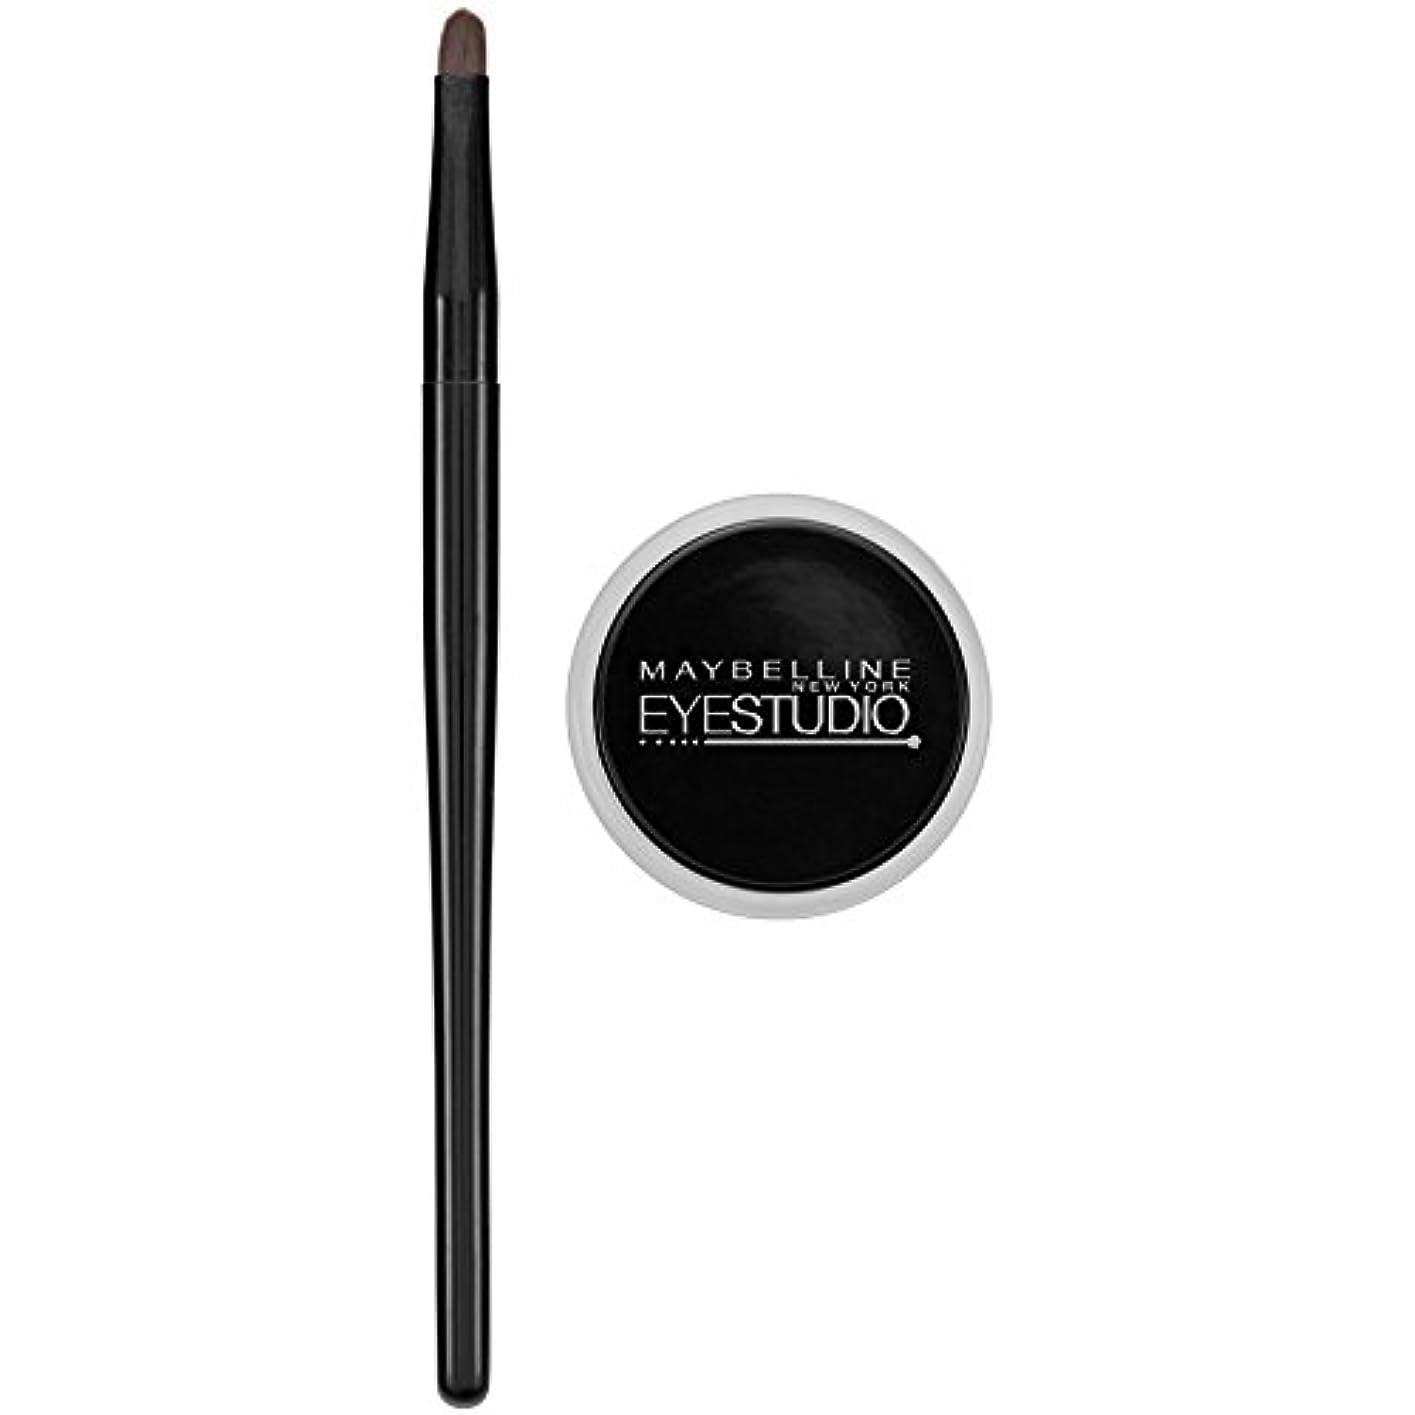 急襲贅沢大胆MAYBELLINE Eye Studio Lasting Drama Gel Eyeliner - Blackest Black 950 (並行輸入品)